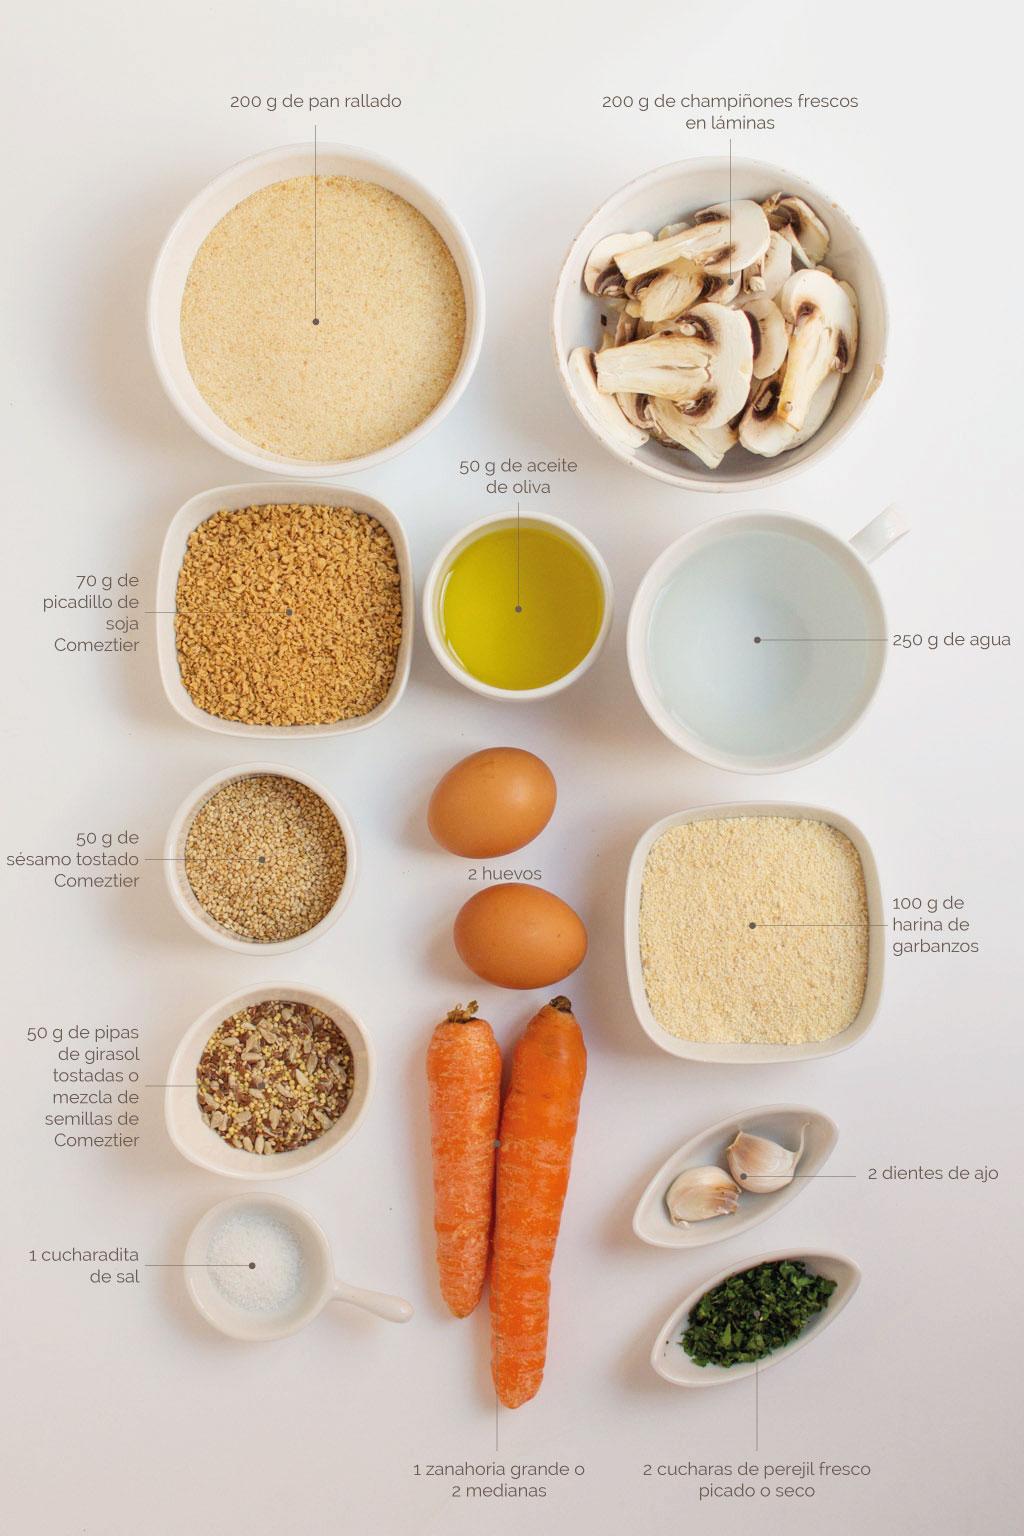 ingredientes para hacer hamburguesas de soja